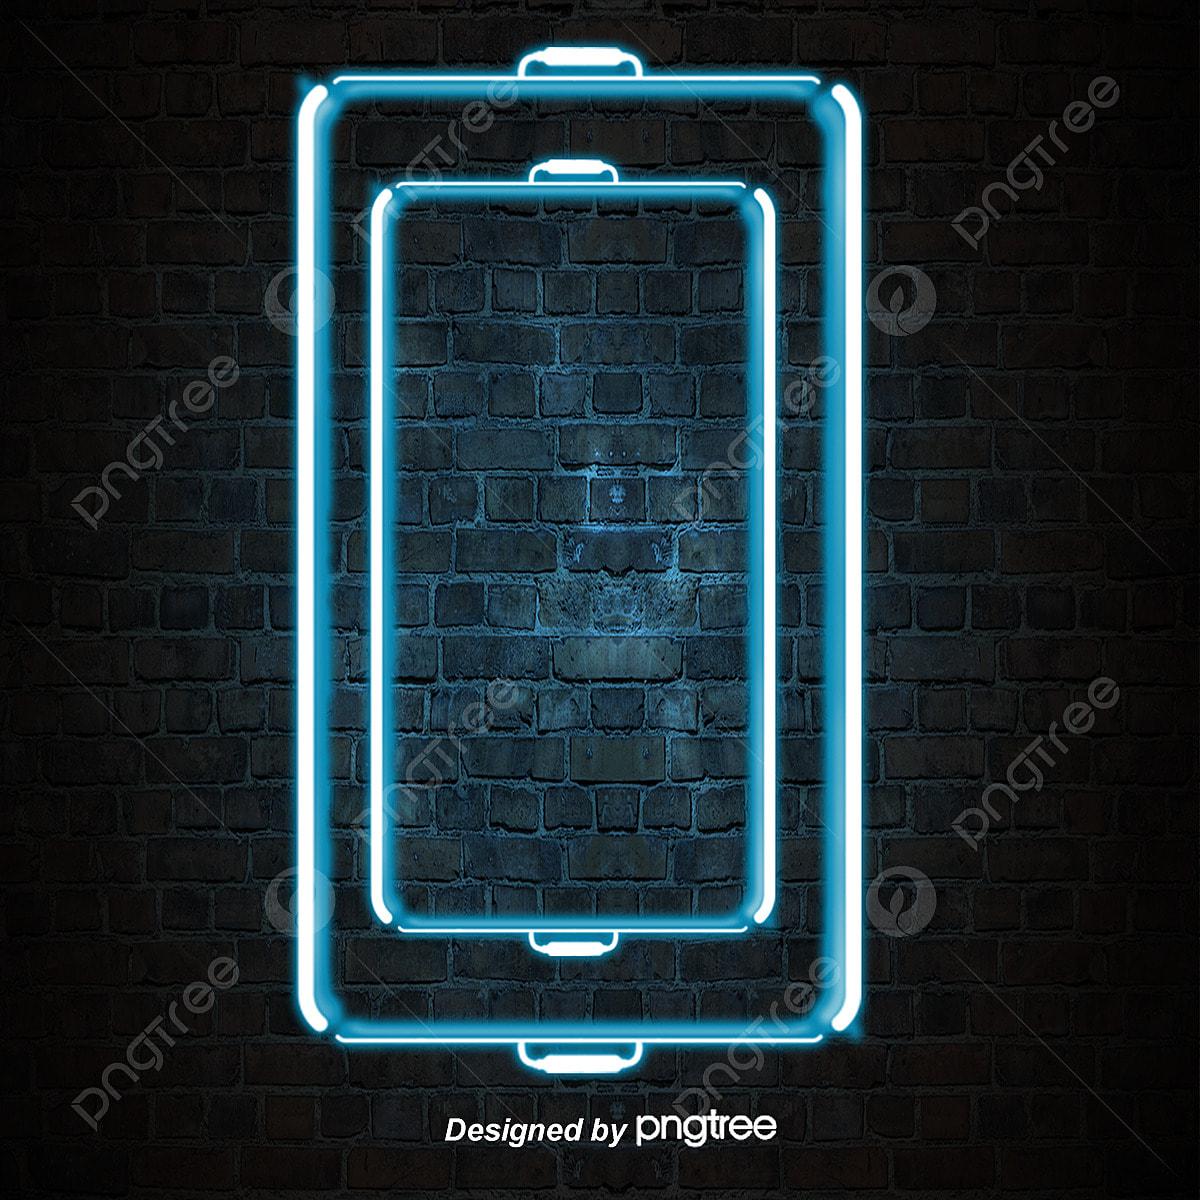 gambar lampu neon png vektor psd dan clipart dengan latar belakang transparan untuk download gratis pngtree https id pngtree com freepng special effect decoration of neon light with blue border 4201519 html